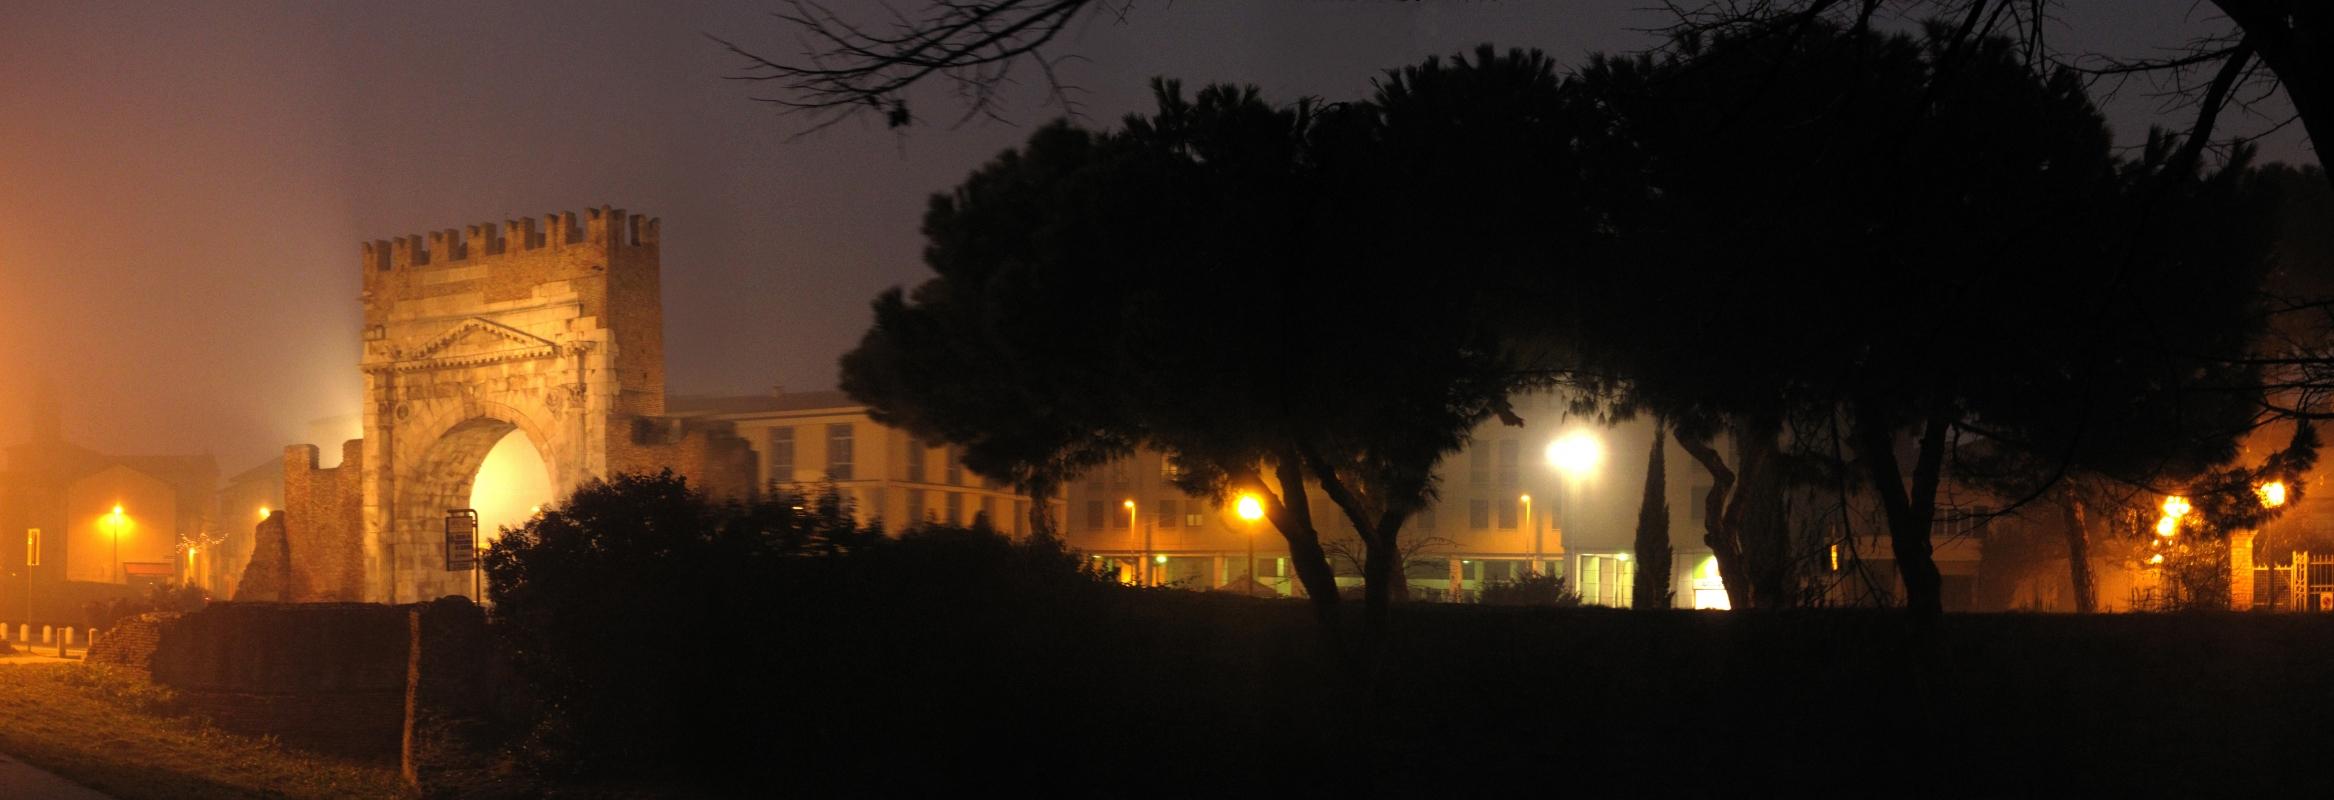 Arco d'augusto pan 132 89 x 30,5 - Emilio Salvatori - Rimini (RN)